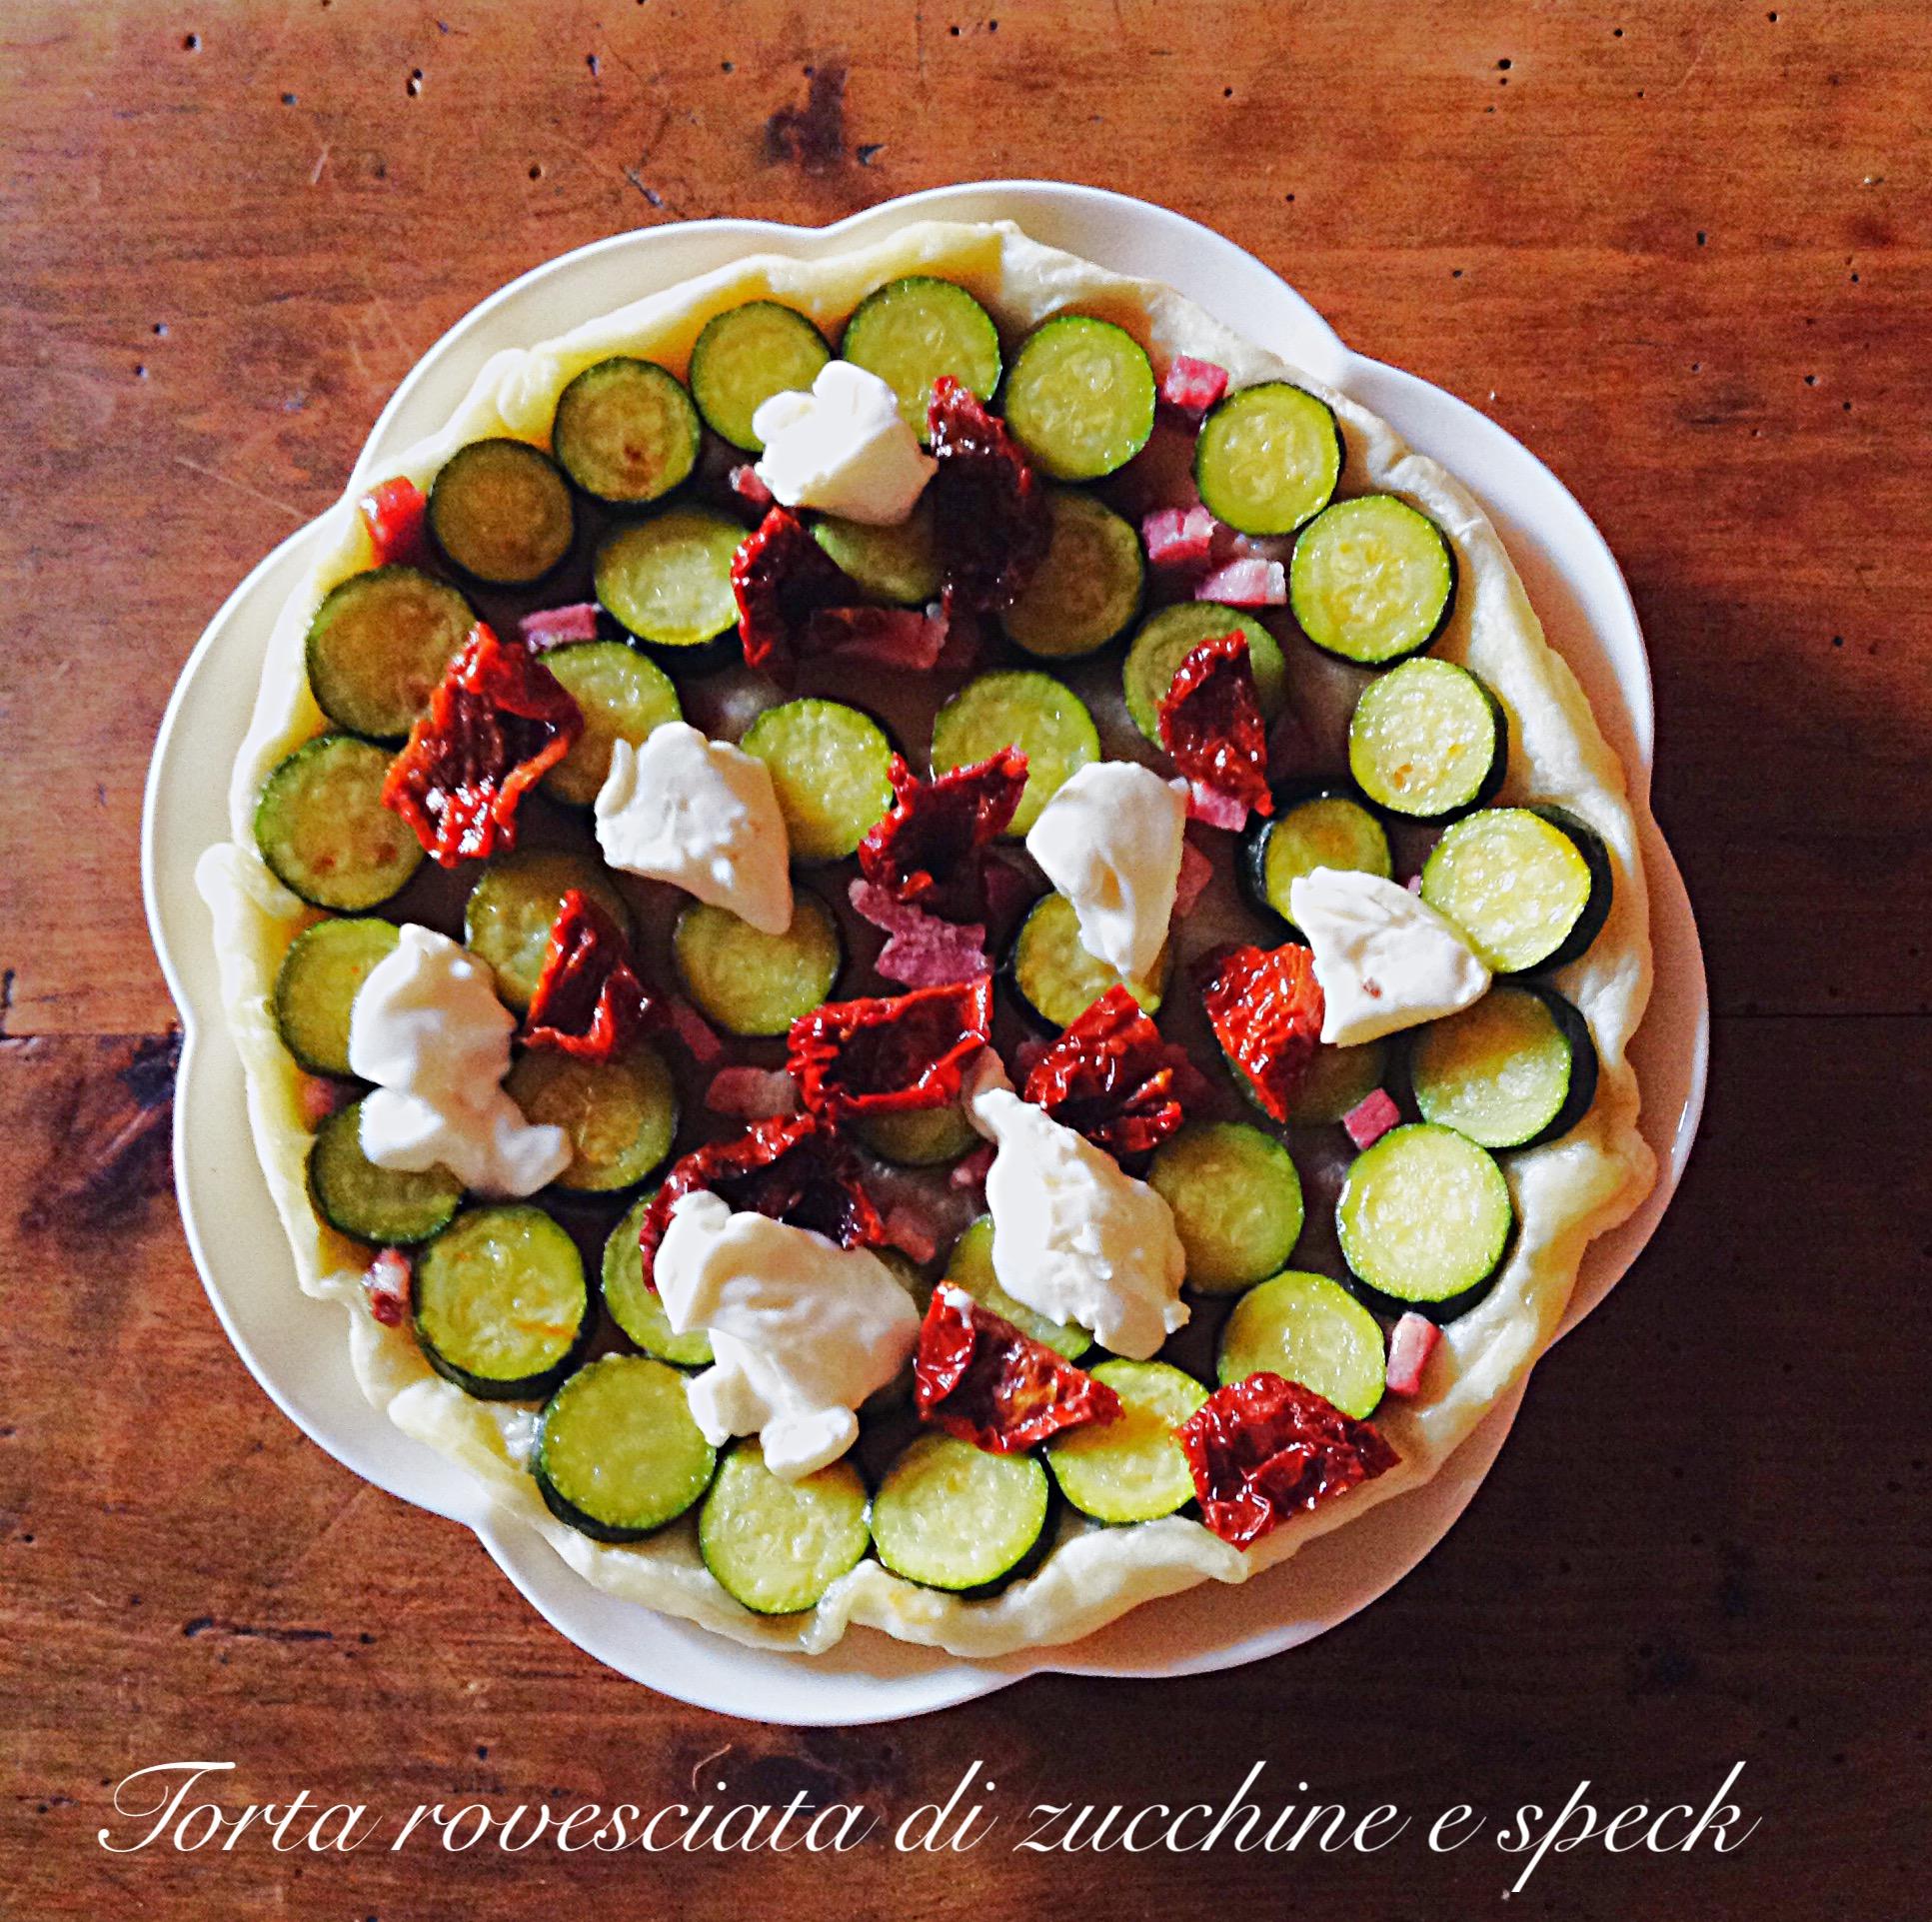 Torta rovesciata di zucchine e speck 2